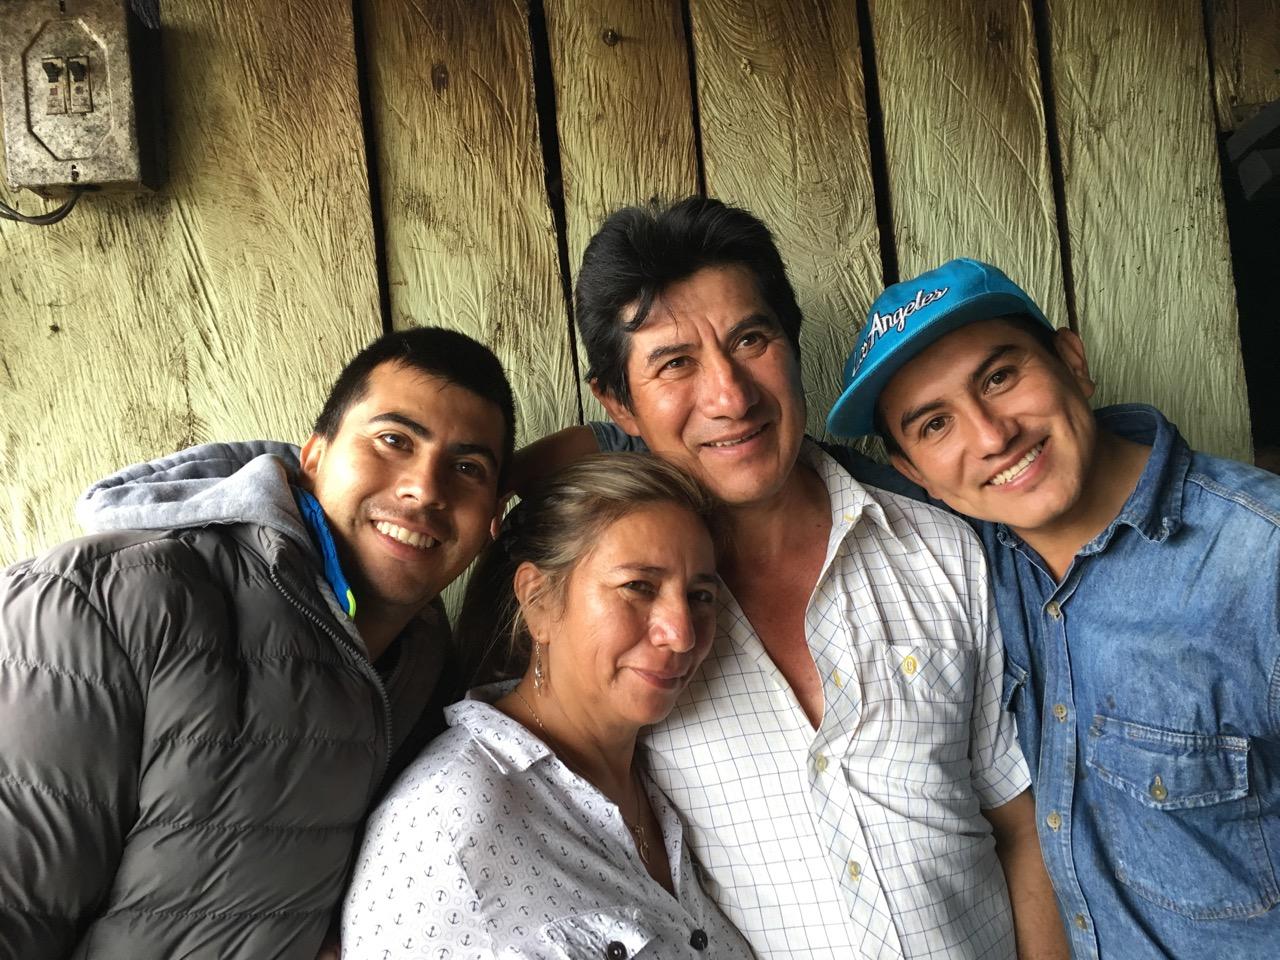 Maria con su esposo, Jose Erazo, y sus hijos Diego y Daniel